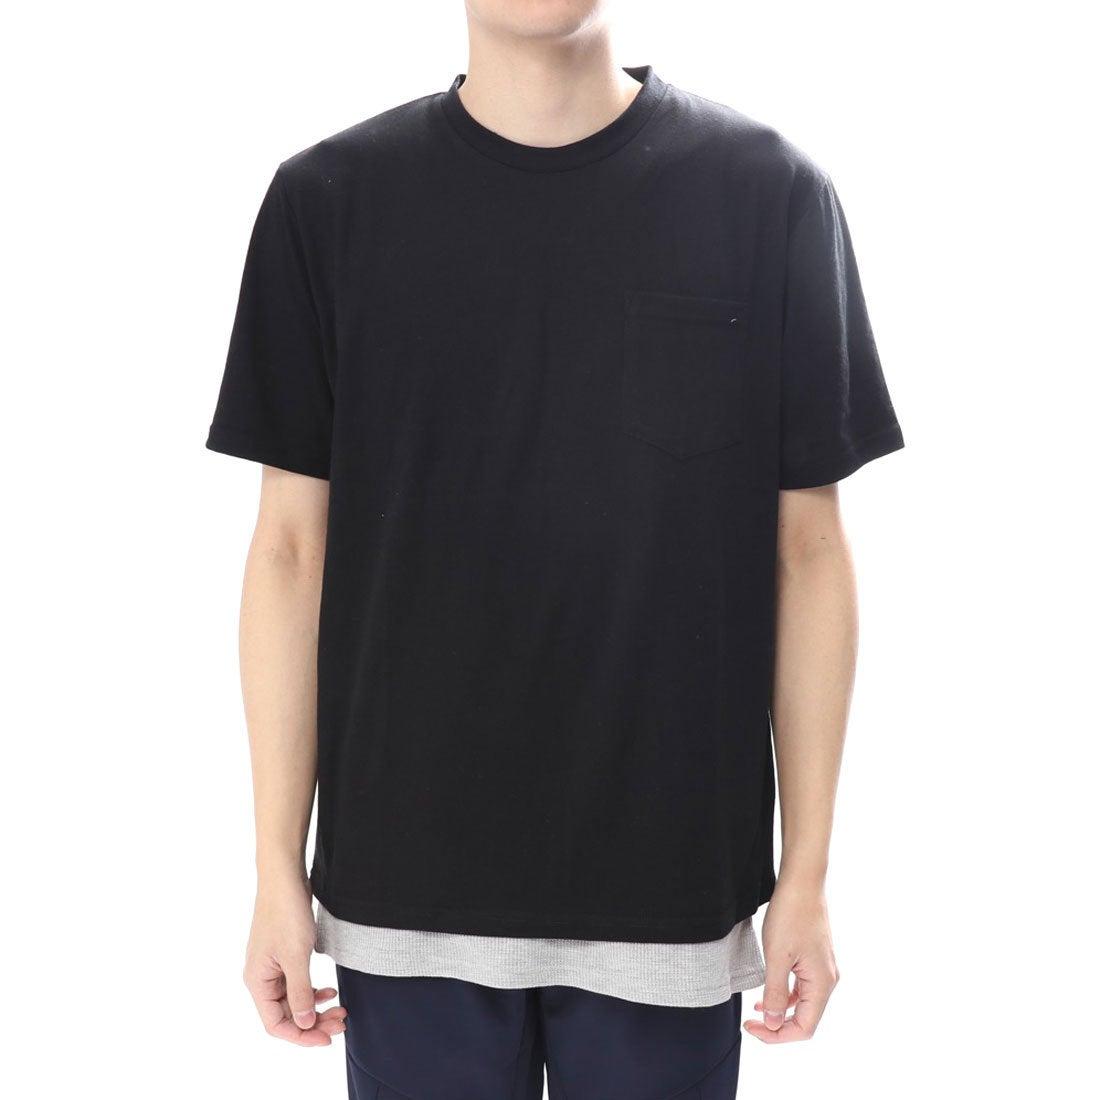 ロコンド 靴とファッションの通販サイトイグニオ IGNIO メンズ Tシャツ(半袖)xタンクトップセット